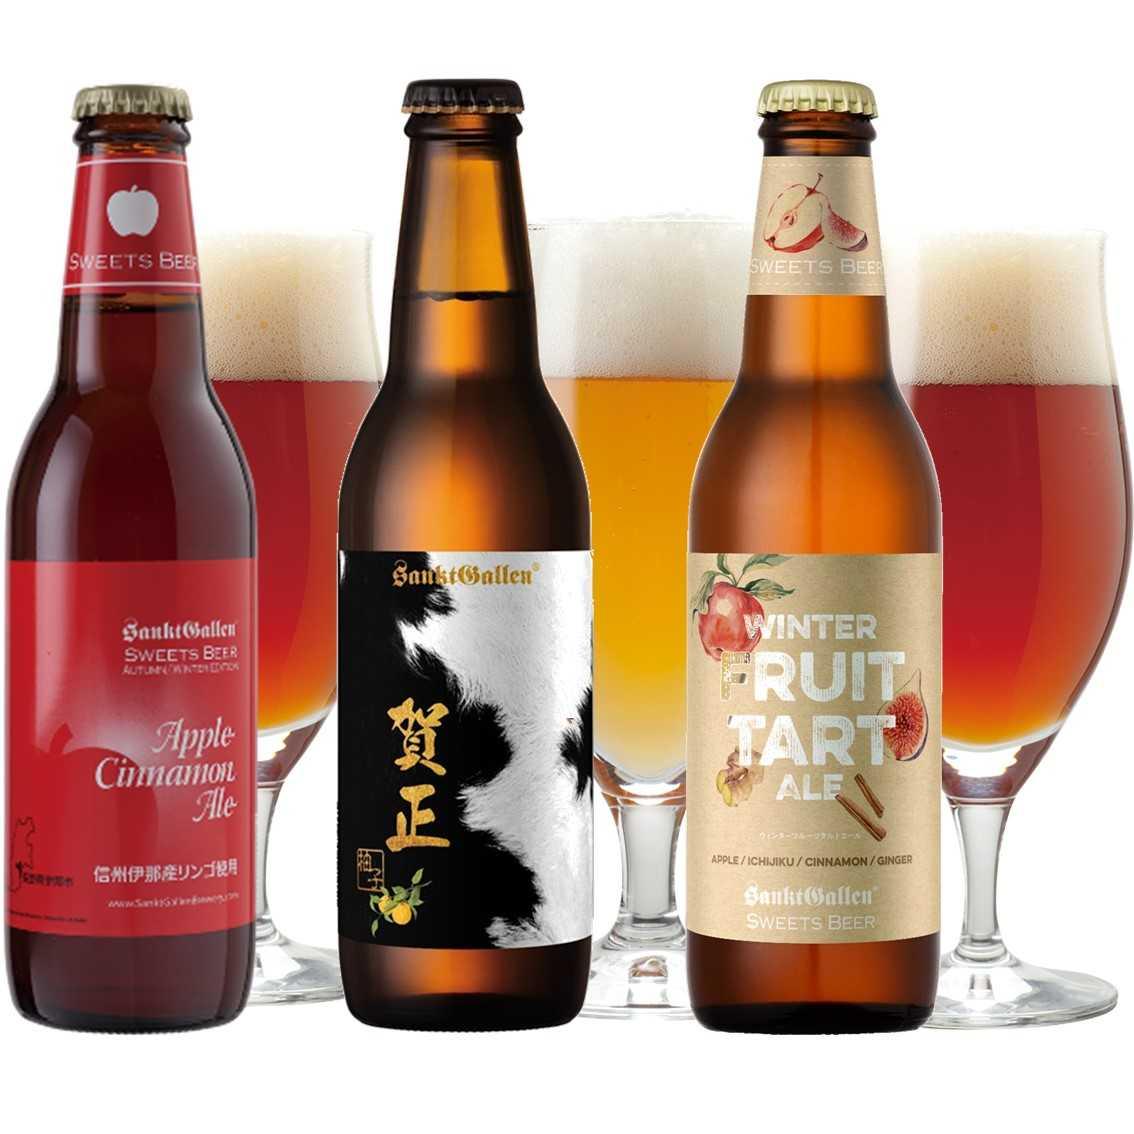 賀正ビール入フルーツビール3種飲み比べセット